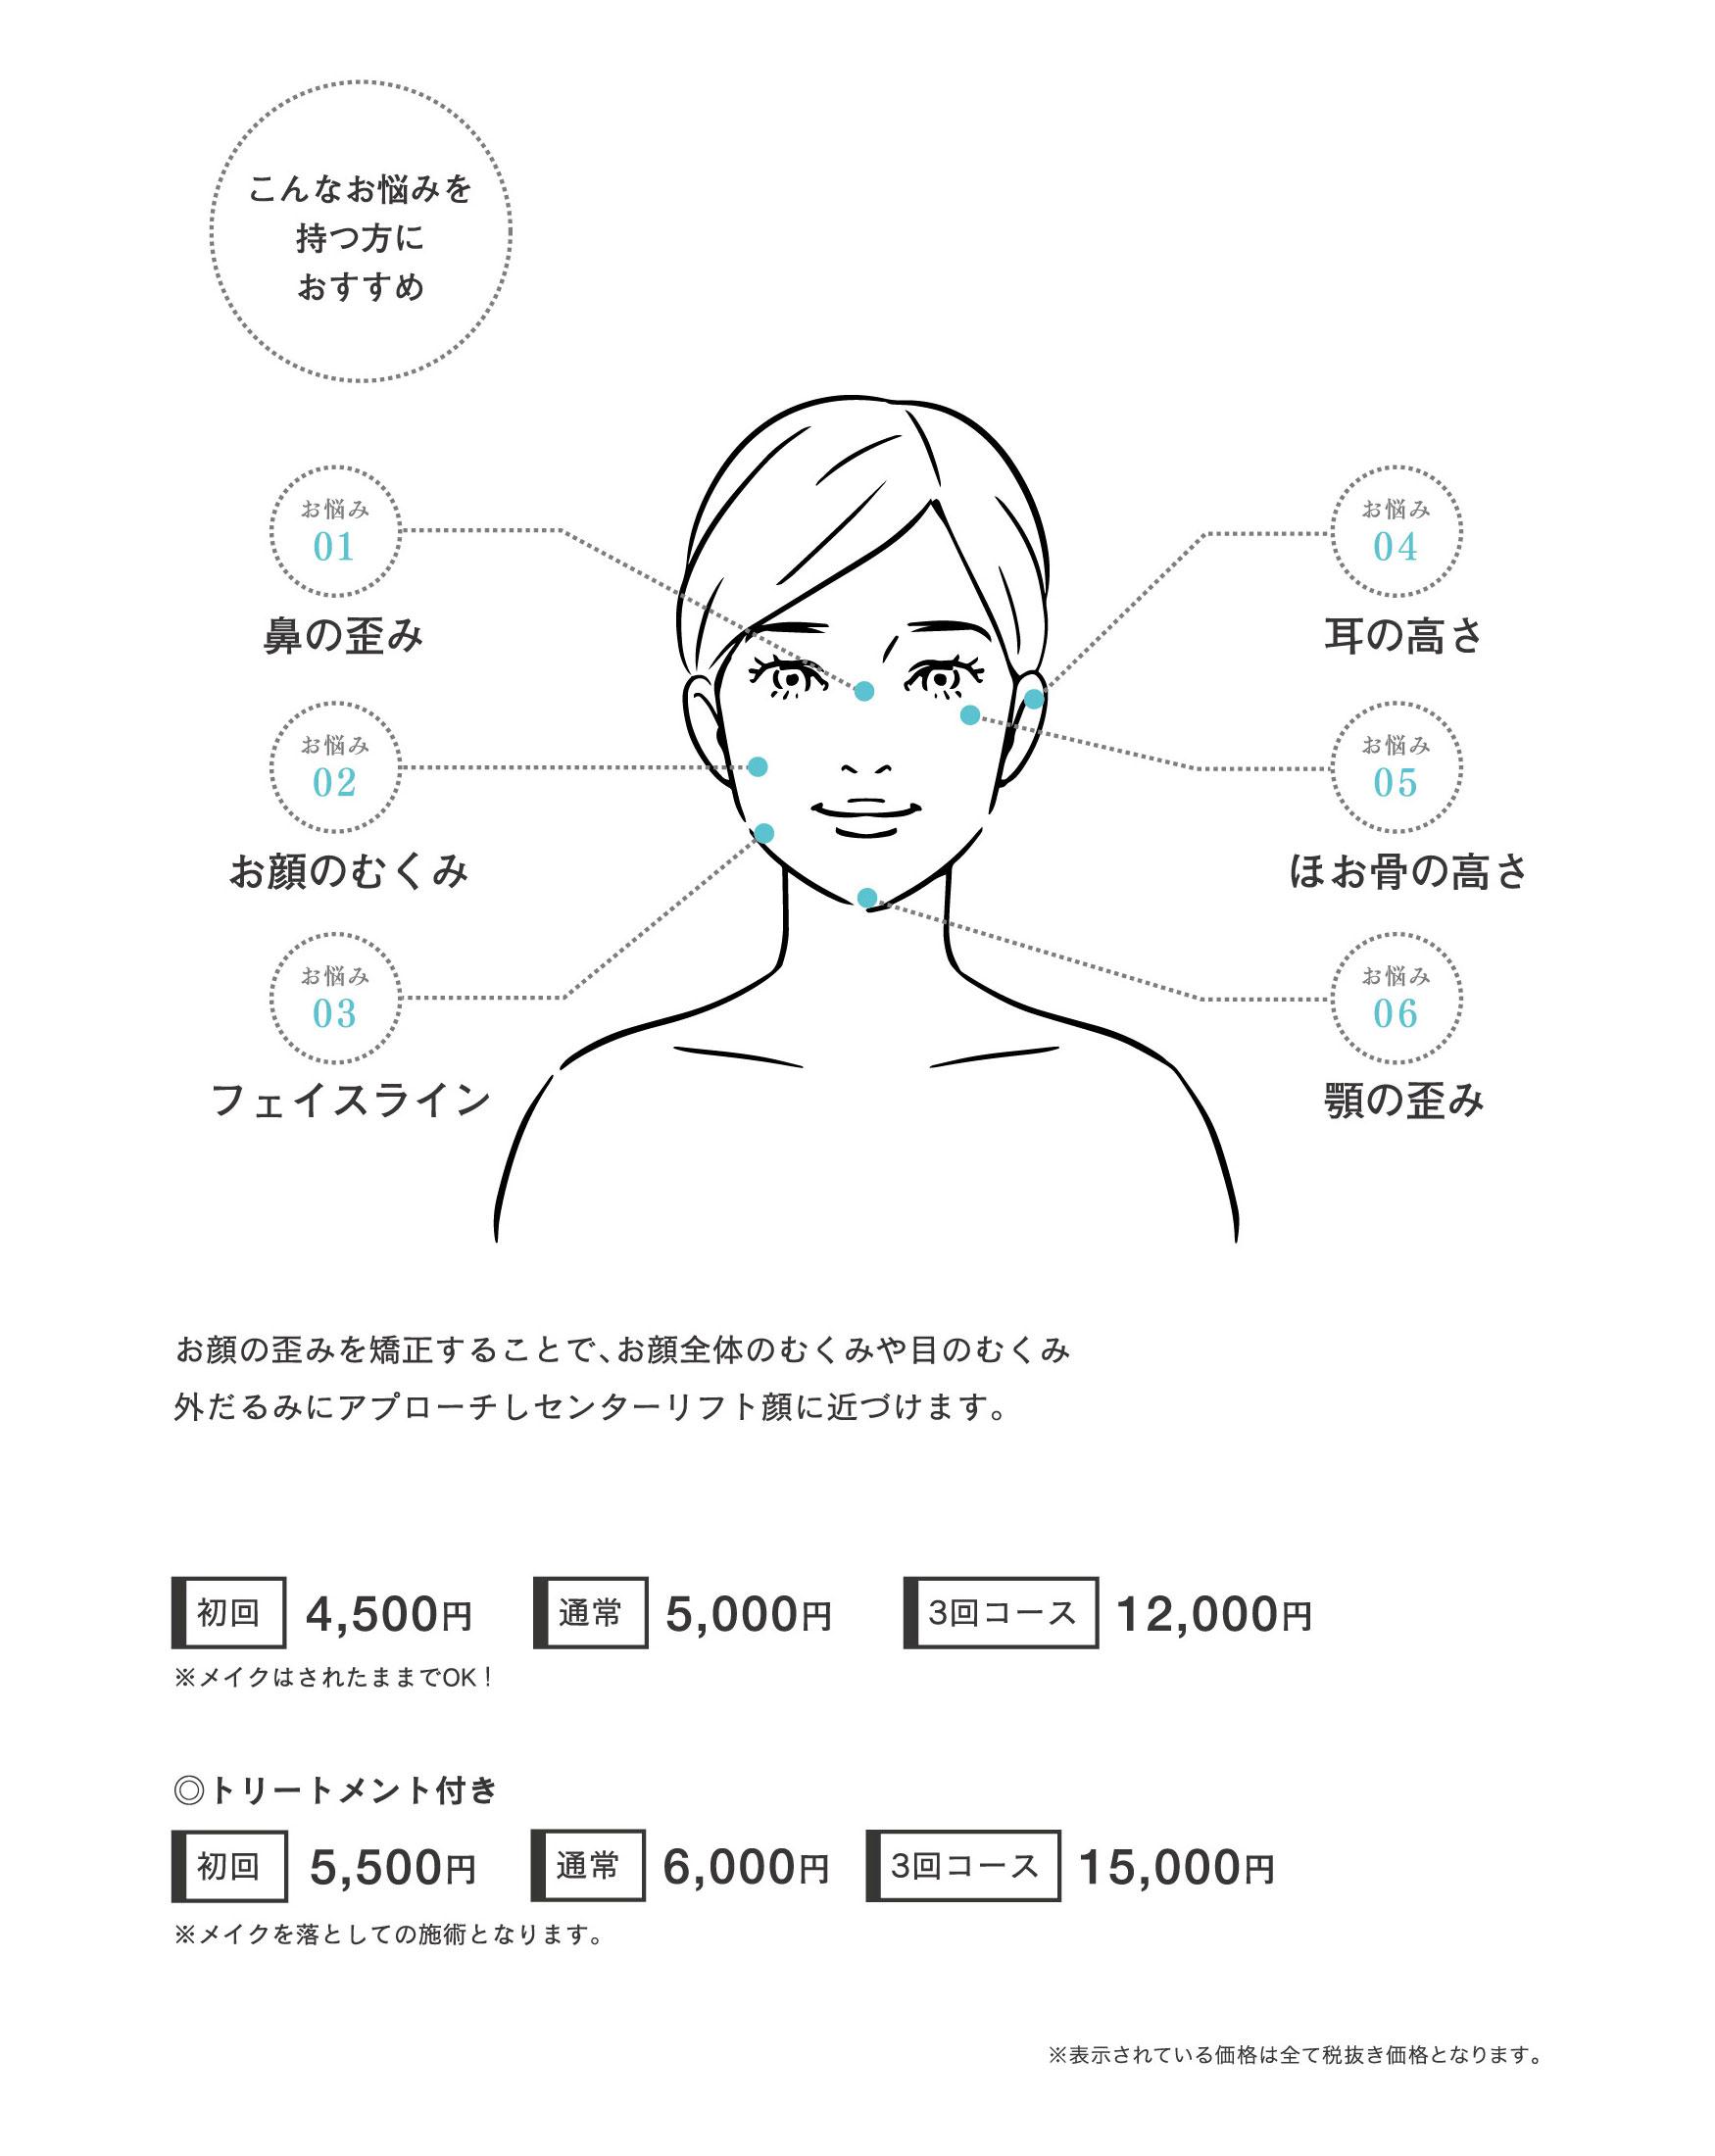 お顔の歪みを矯正することで、お顔全体のむくみや目のむくみ、外だるみにアプローチしセンターリスト顔に近づけます